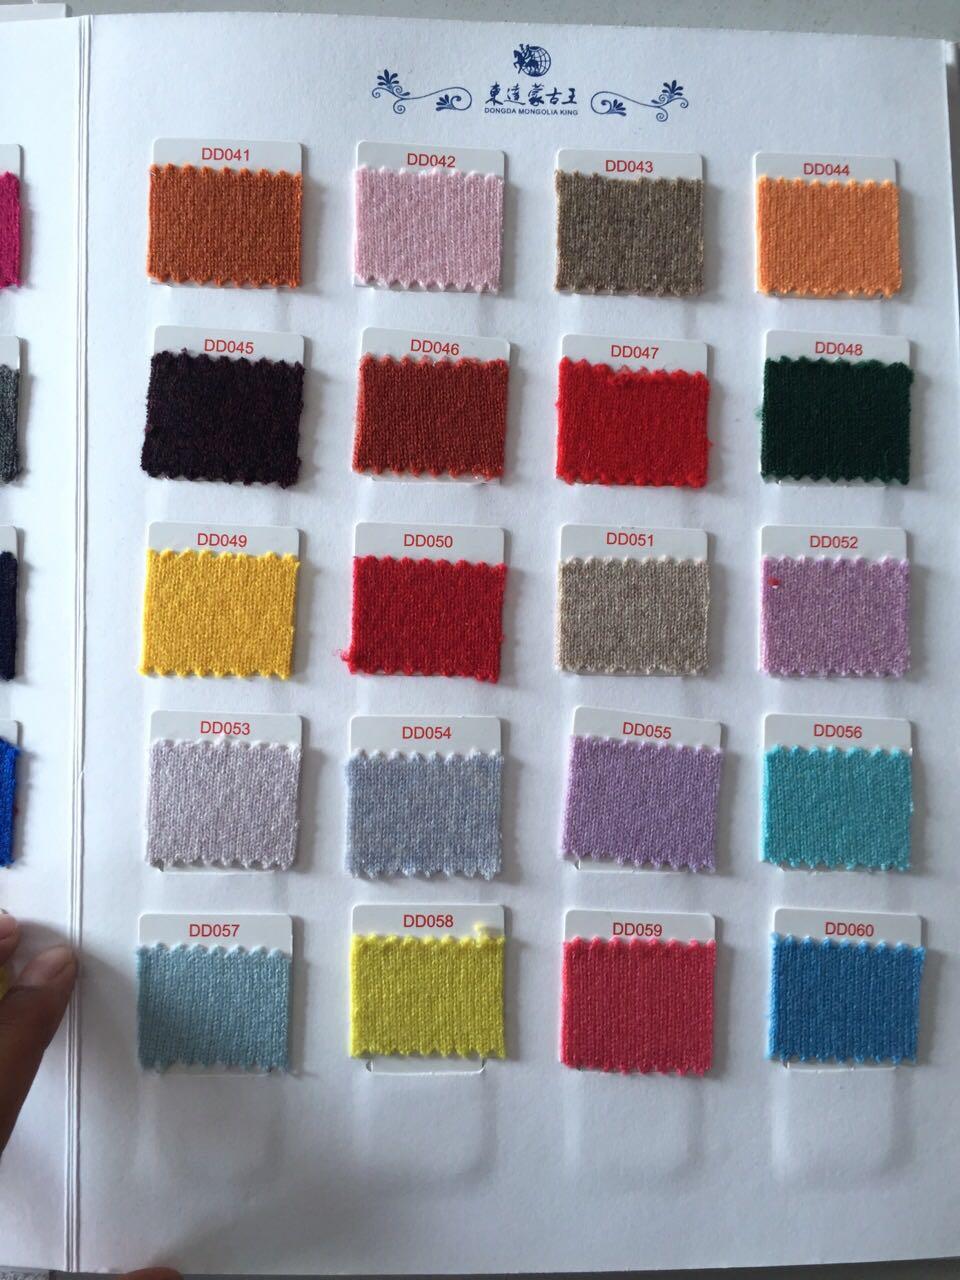 来自孙捷发布的供应信息:... - 内蒙古东达羊绒制品有限公司